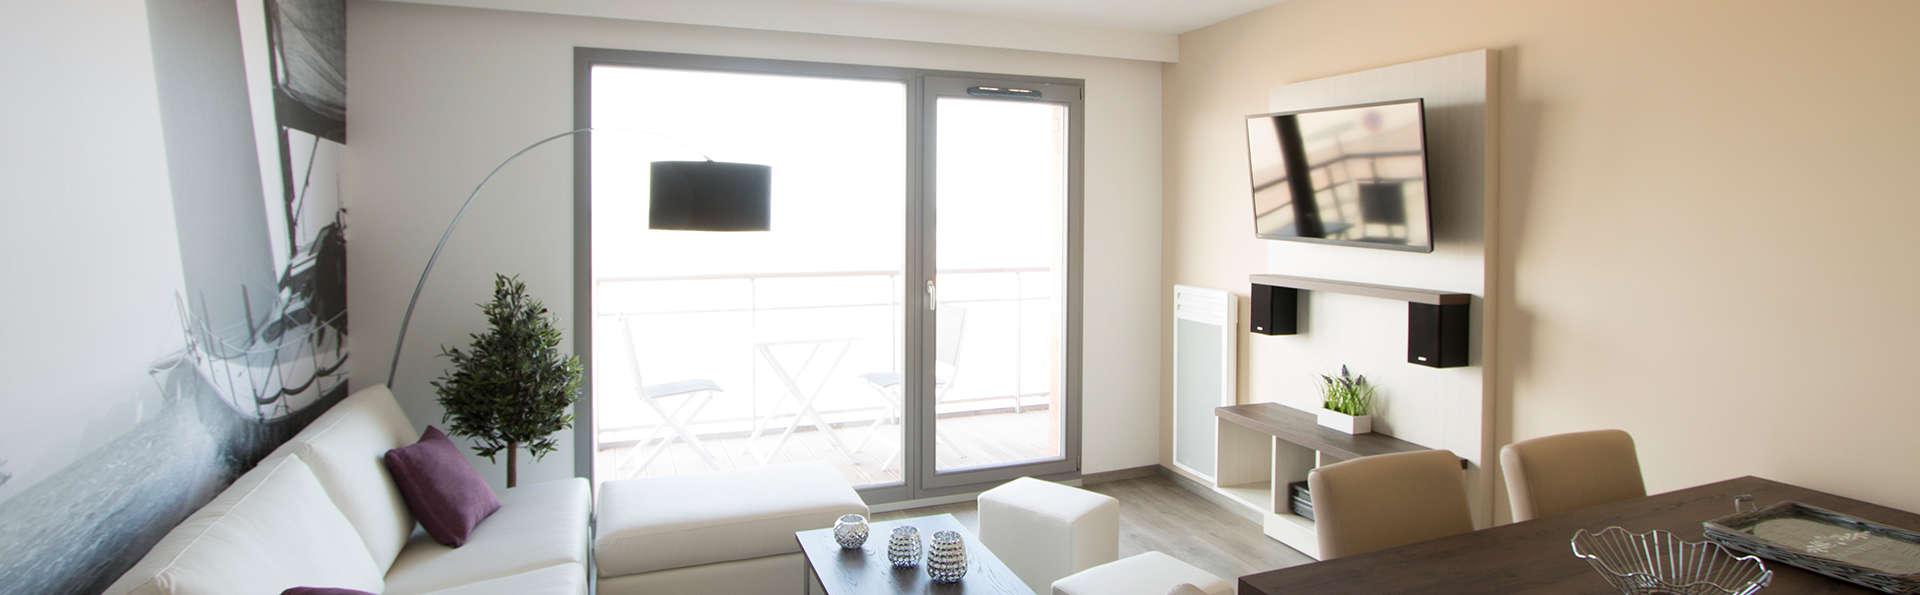 Holiday Suites Bray-Dunes Étoile de Mer - Edit_apartment3.jpg